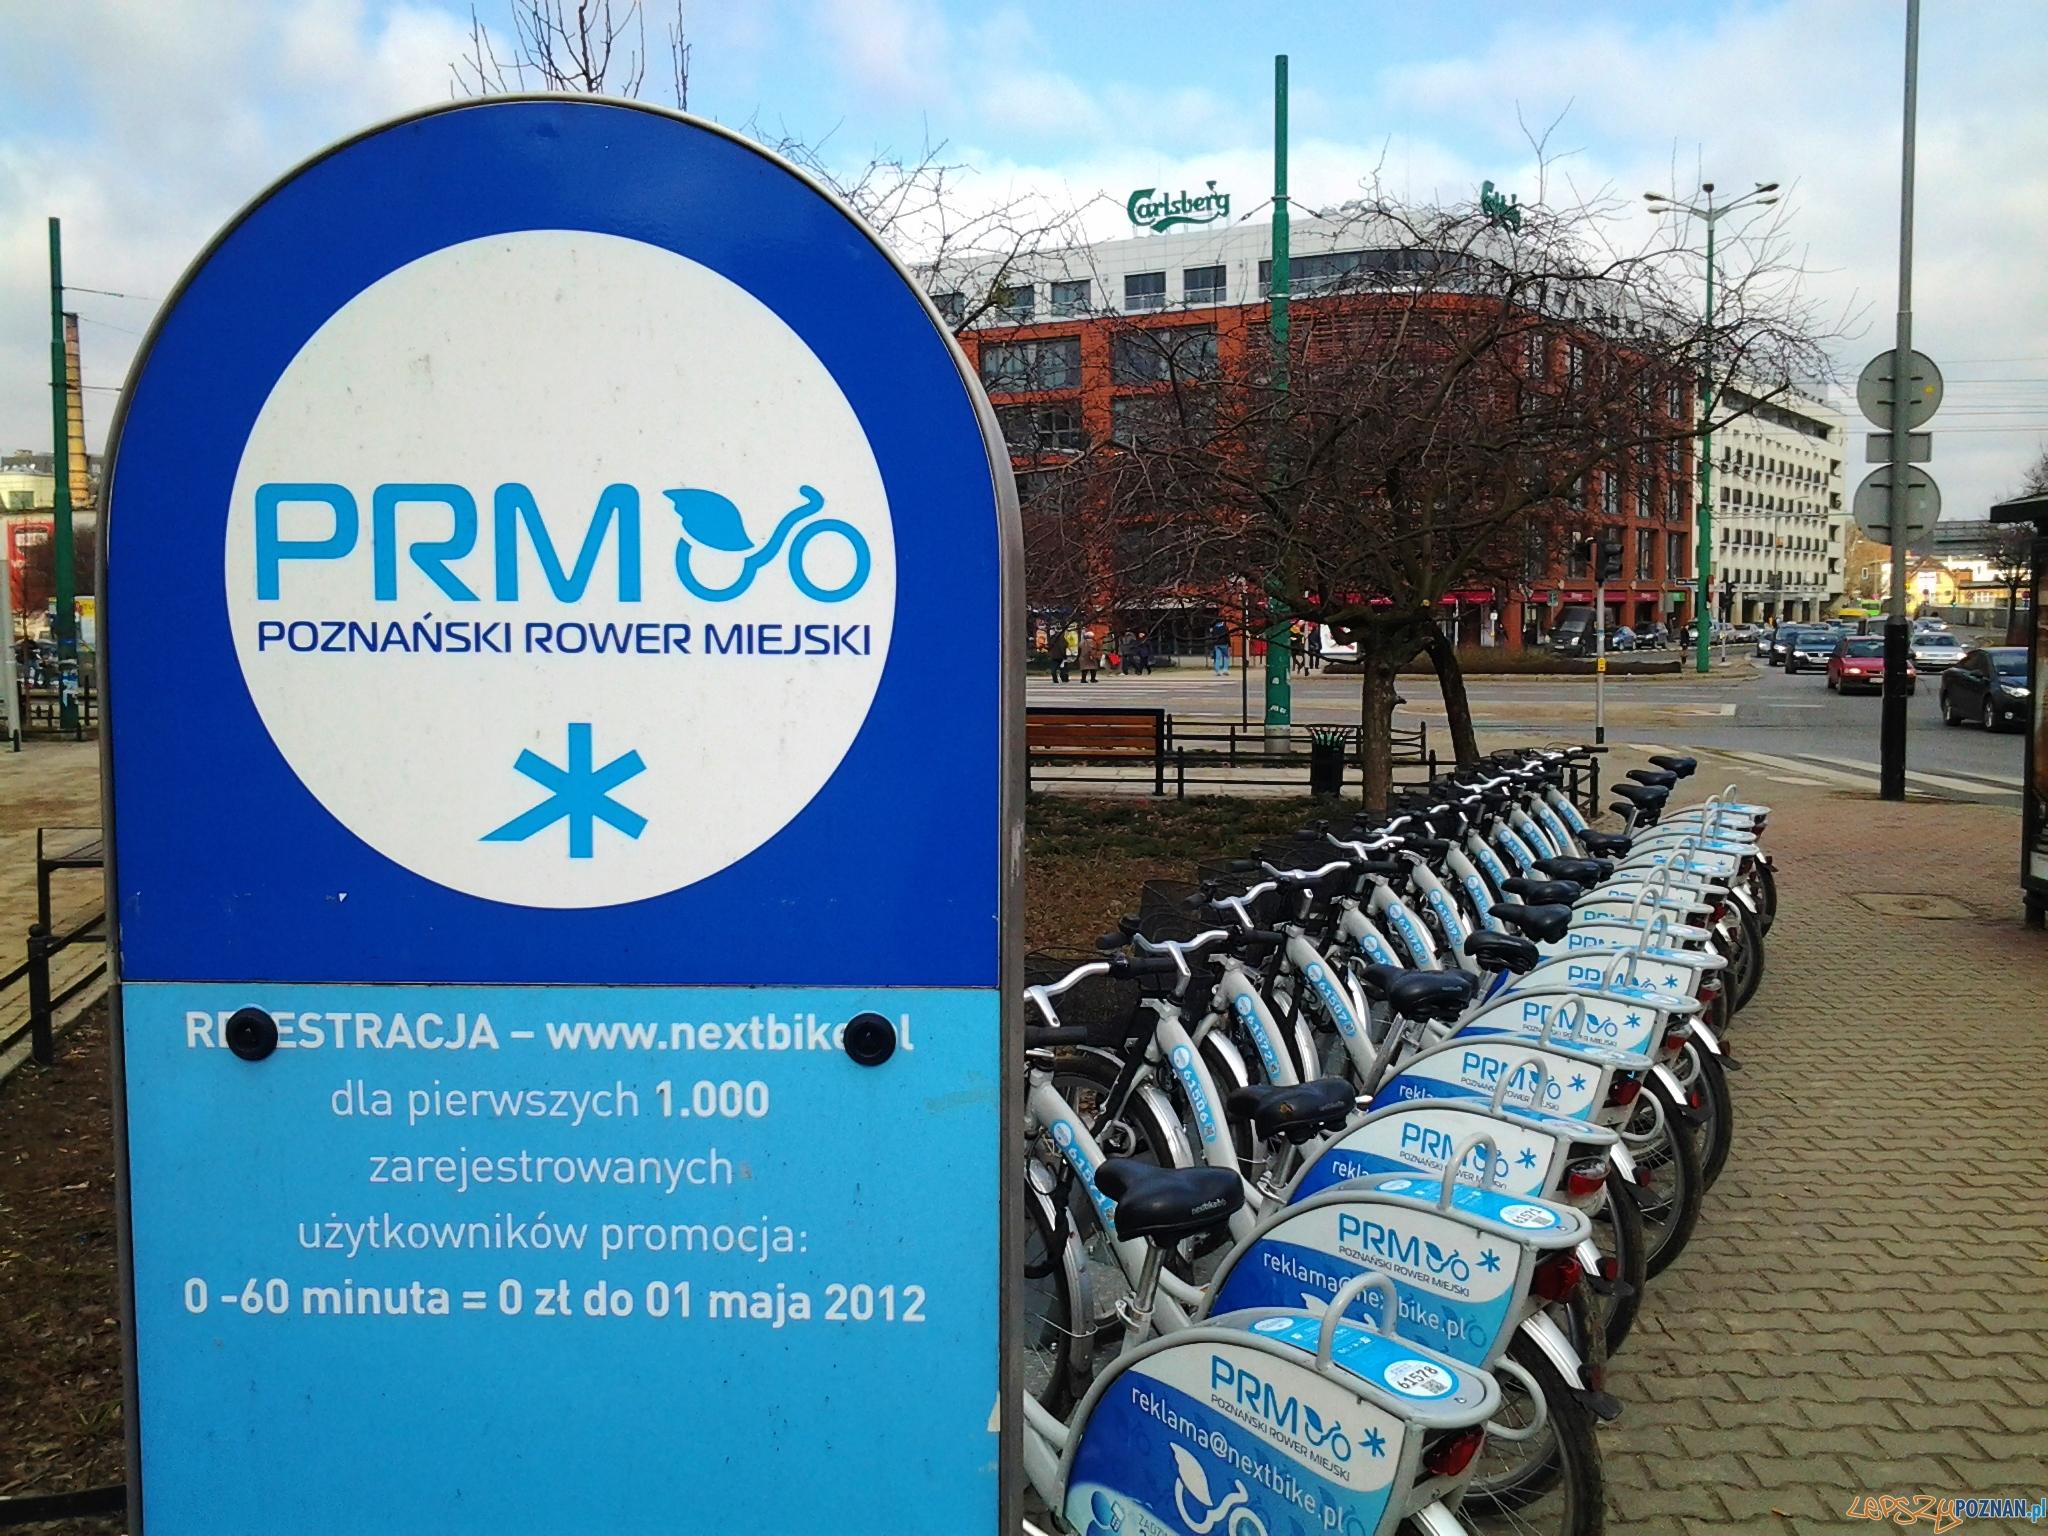 Rowery miejskie  Foto: lepszyPOZNAN.pl / tab 10.1